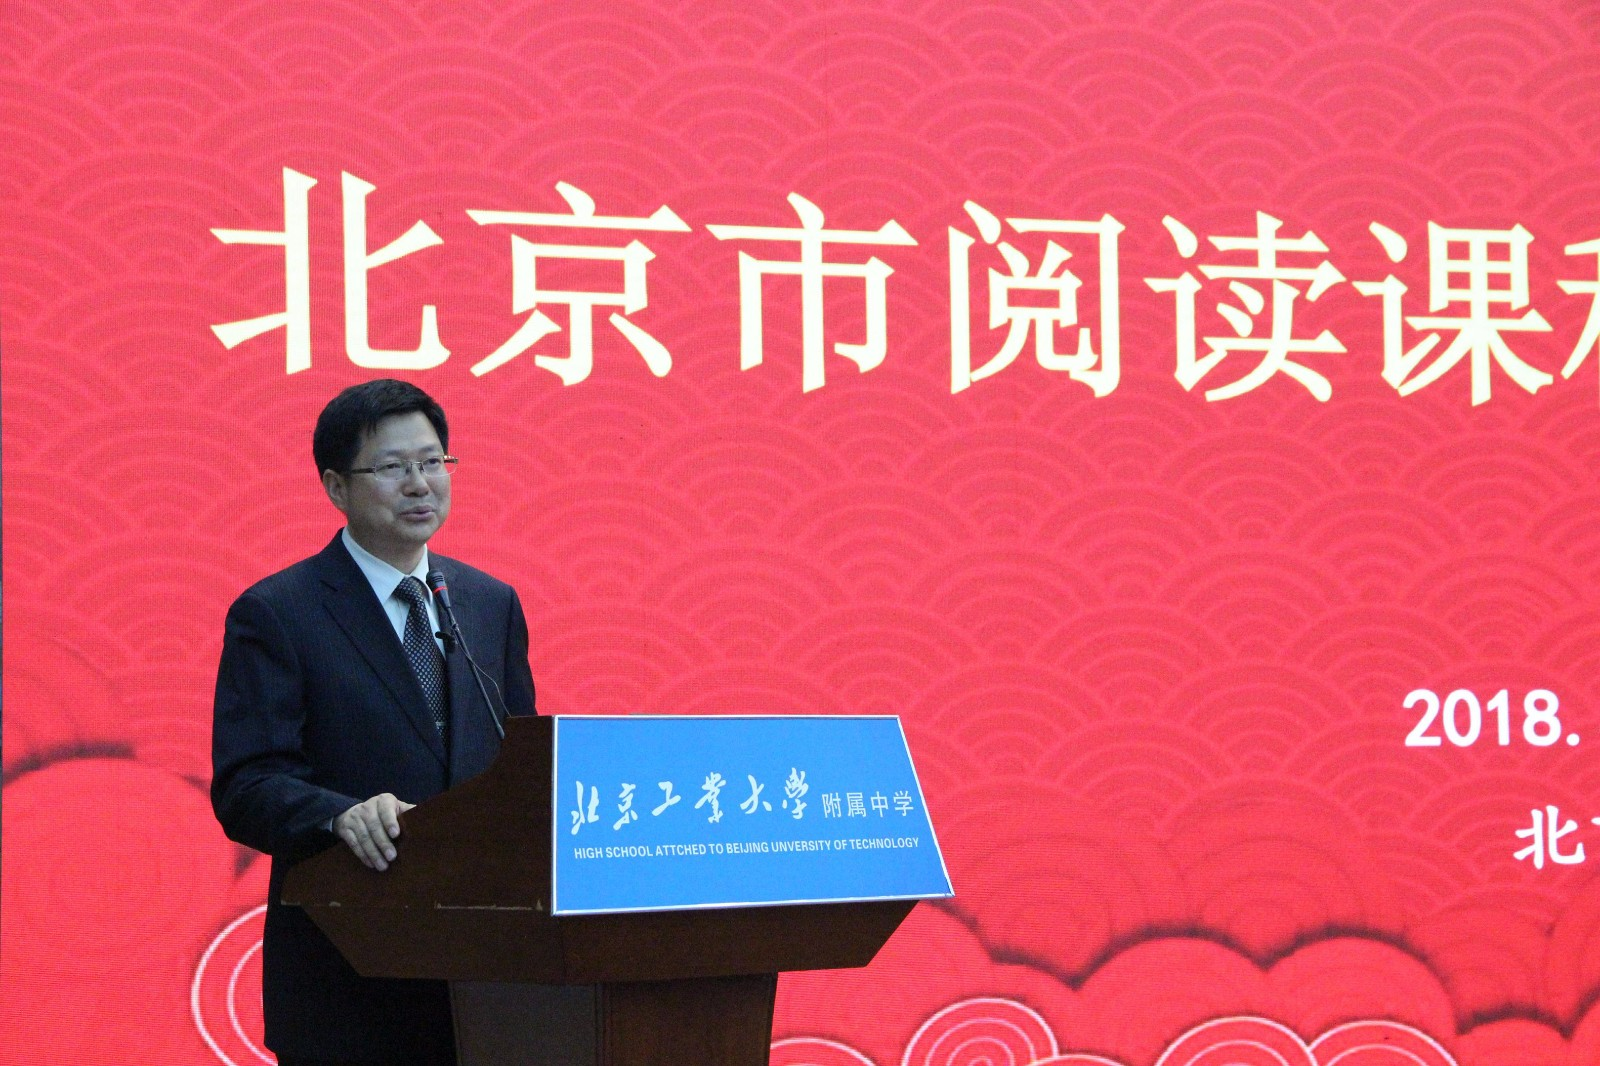 北京教育科学研究院科研教改中心课程室主任朱传世老师介绍与会的专家、领导和嘉宾.jpg